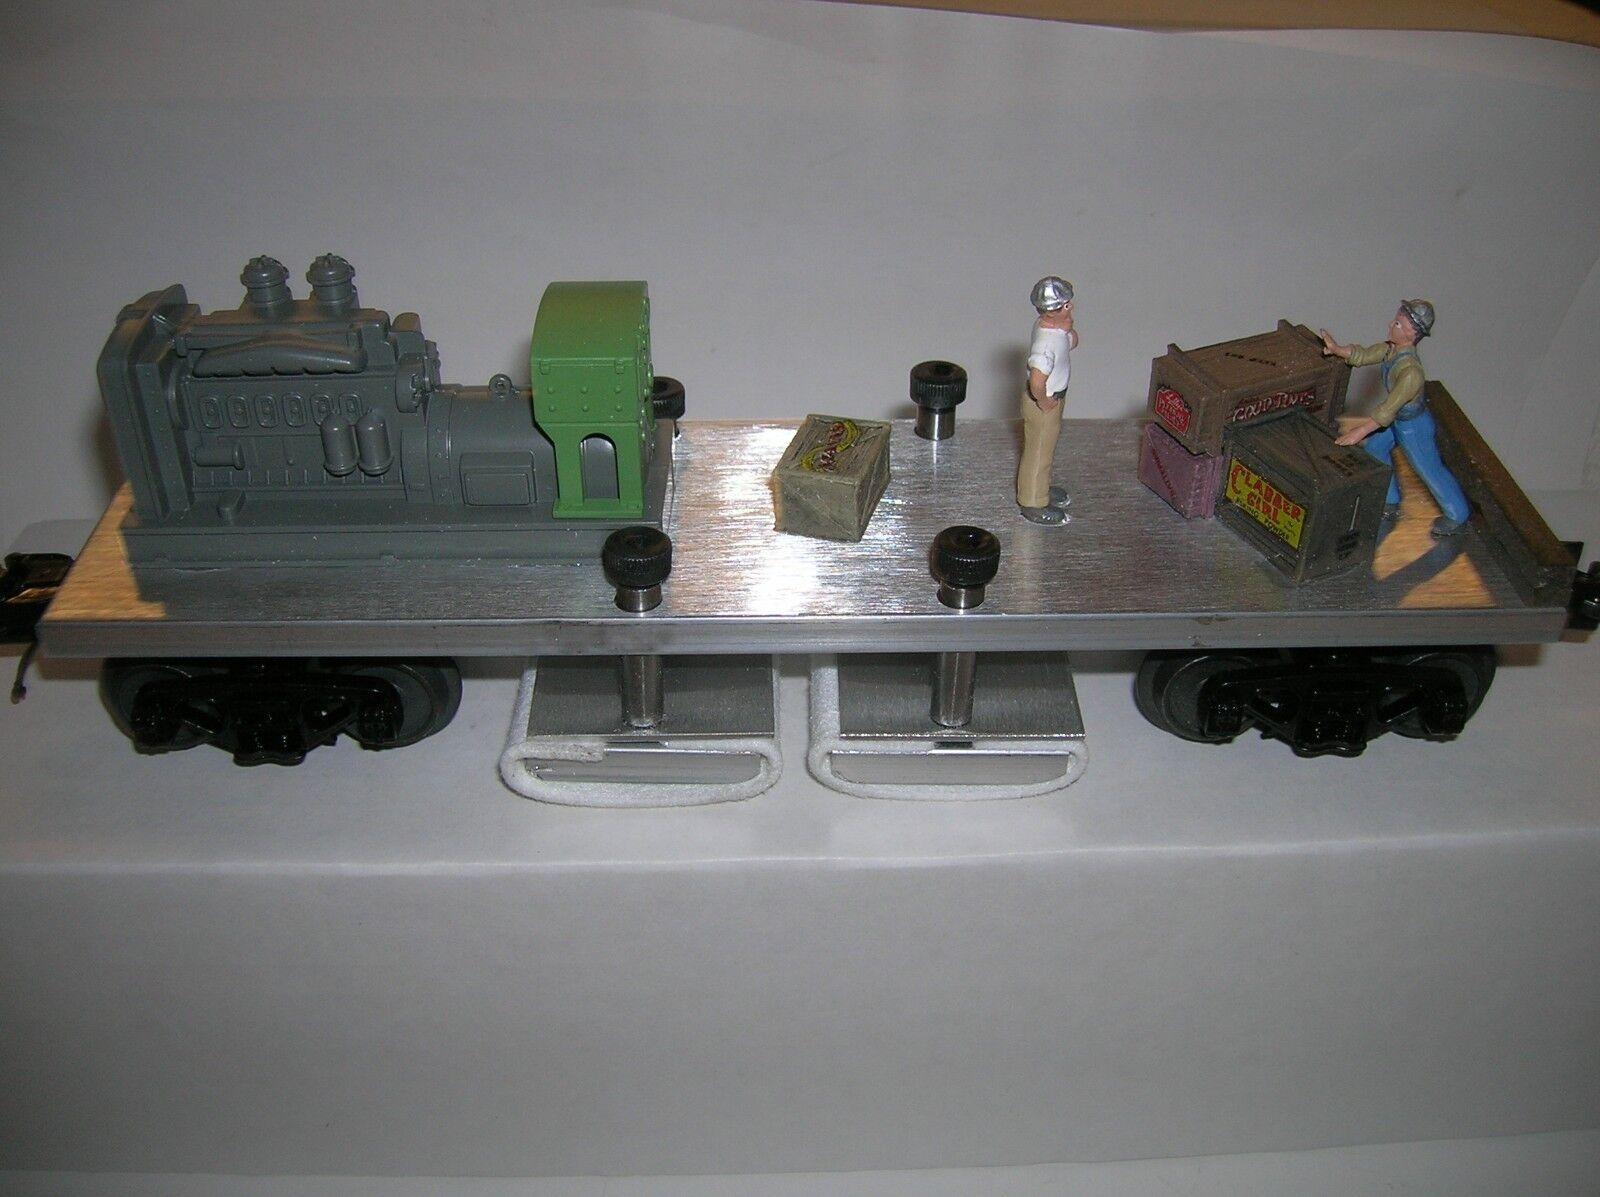 alto descuento N.E. N.E. N.E. trenes  seguimiento de limpieza de coche de lujo  con Die Cast De Muelles camiones Lote Nº 12923  mejor opcion